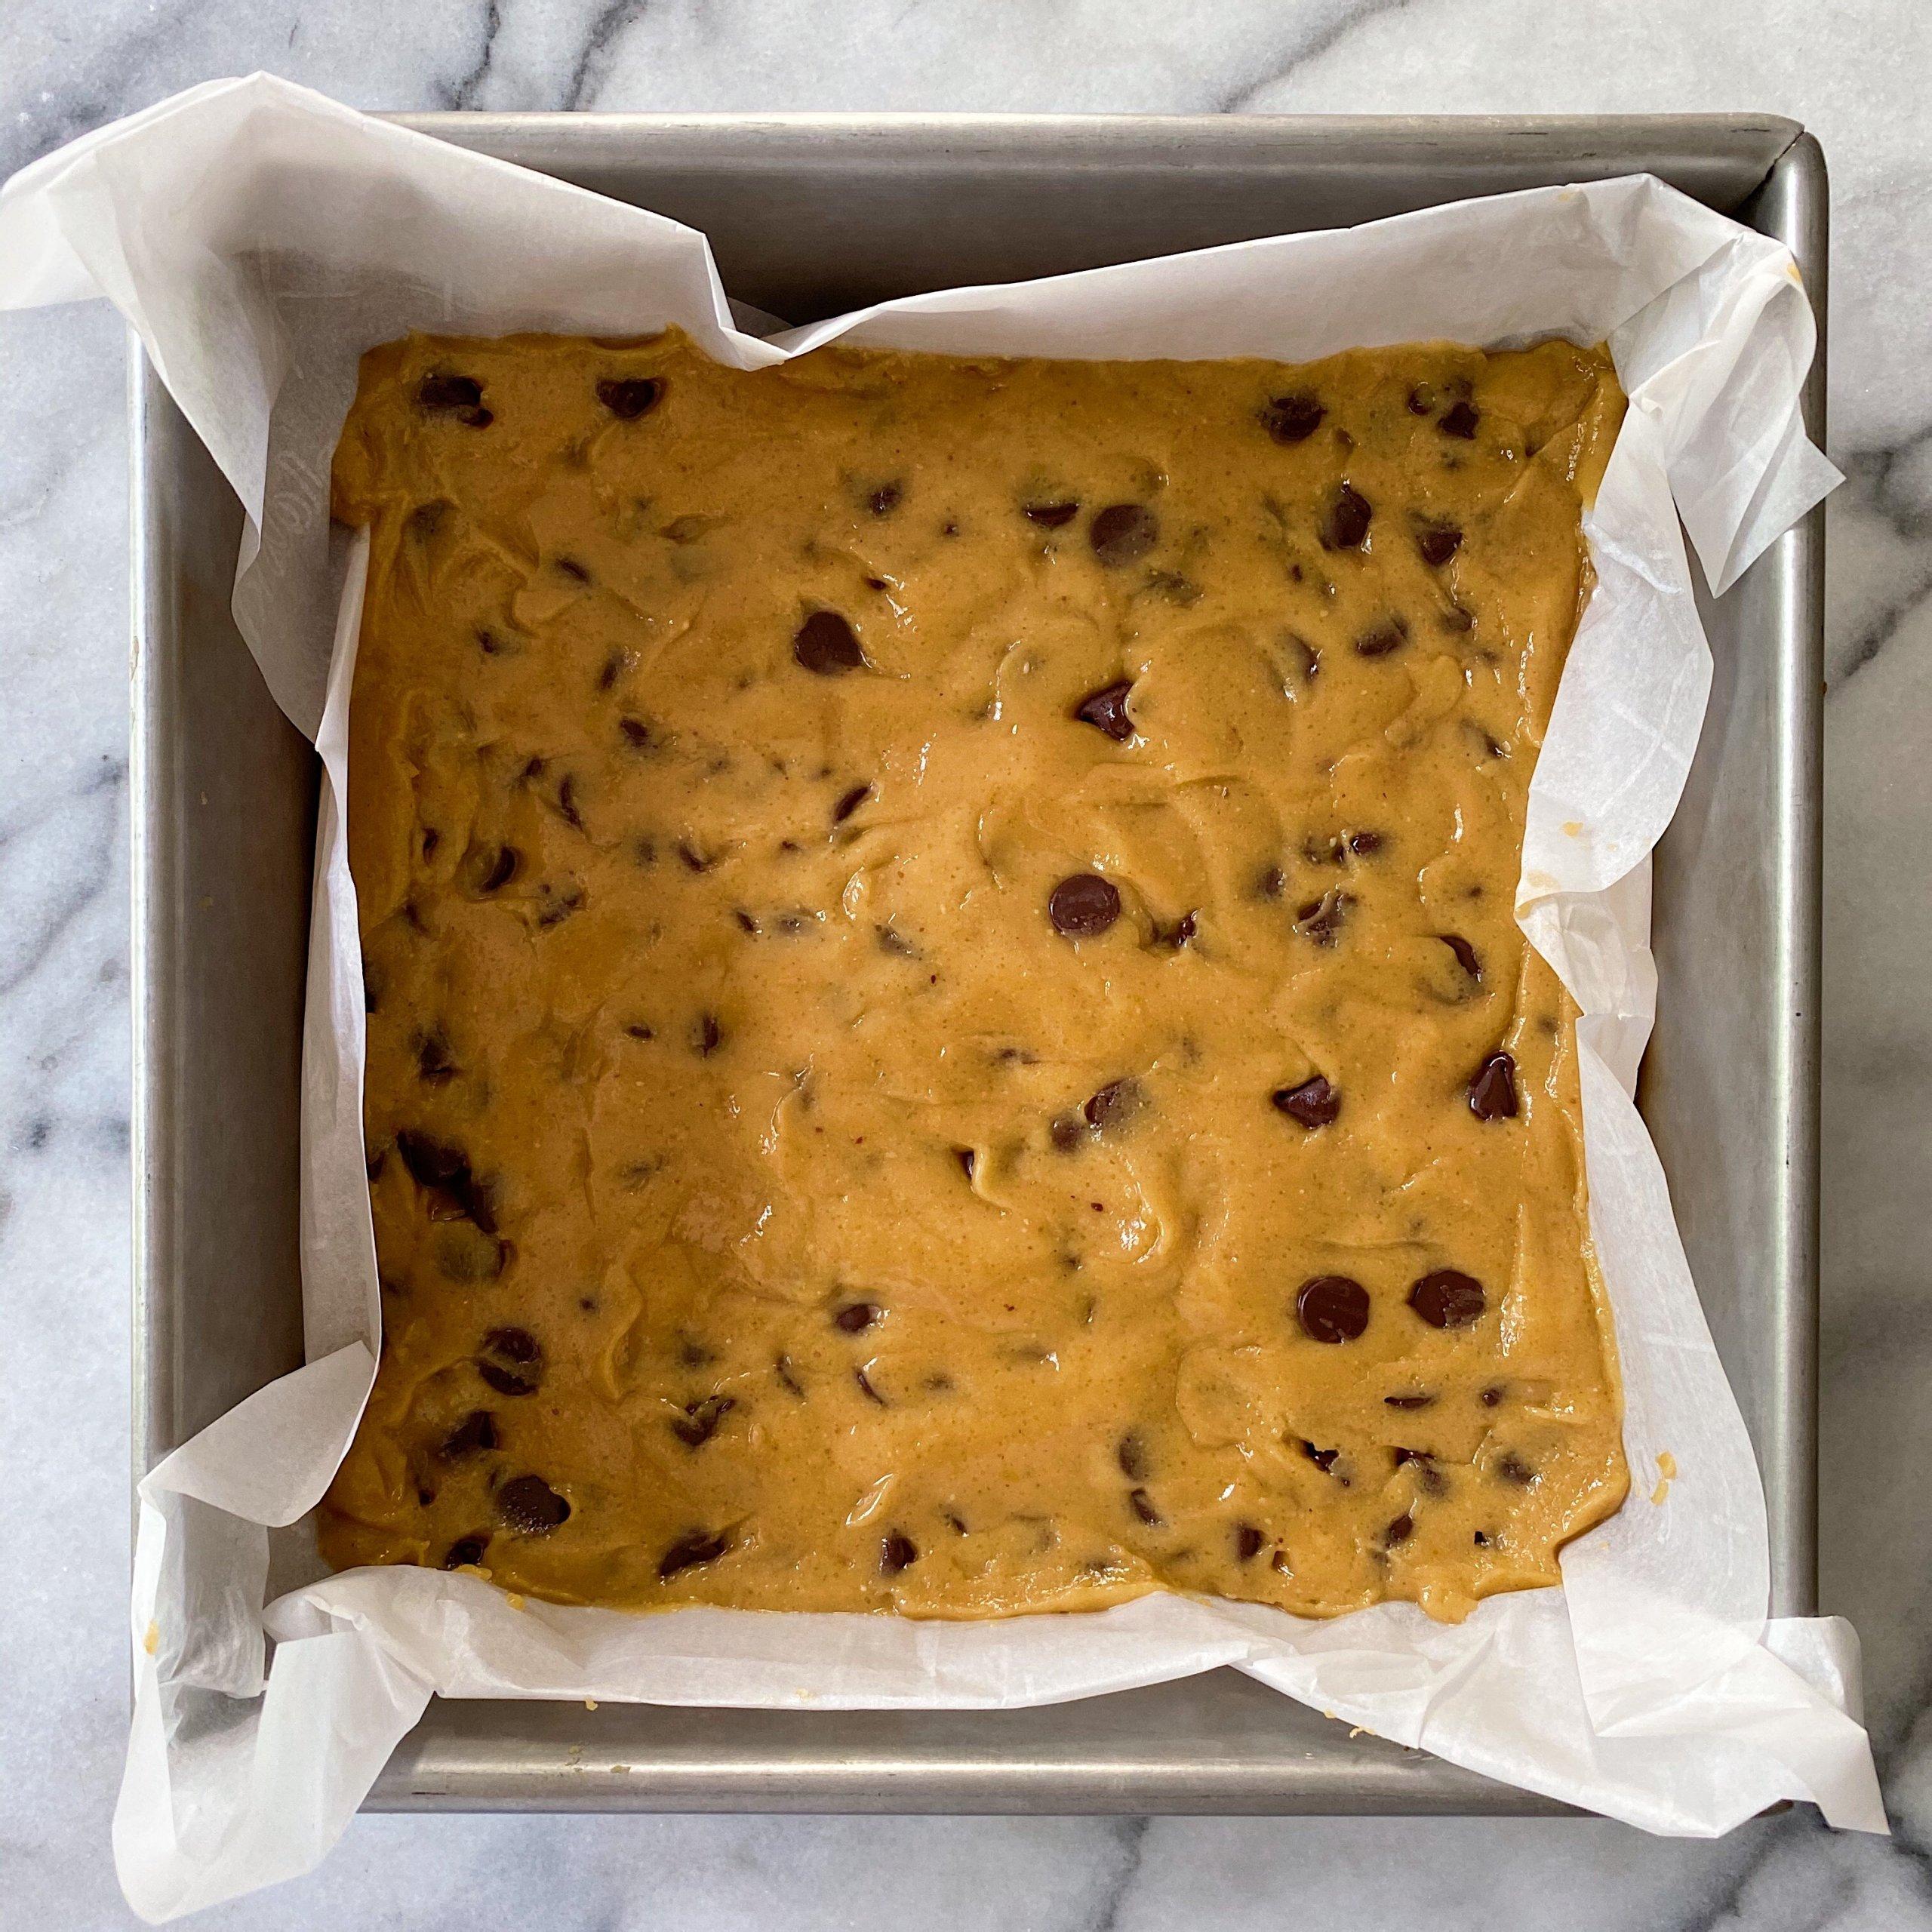 Chocolate Peanut Butter Blondies gluten free #glutenfreerecipes #glutenfree www.healthygffamily.com